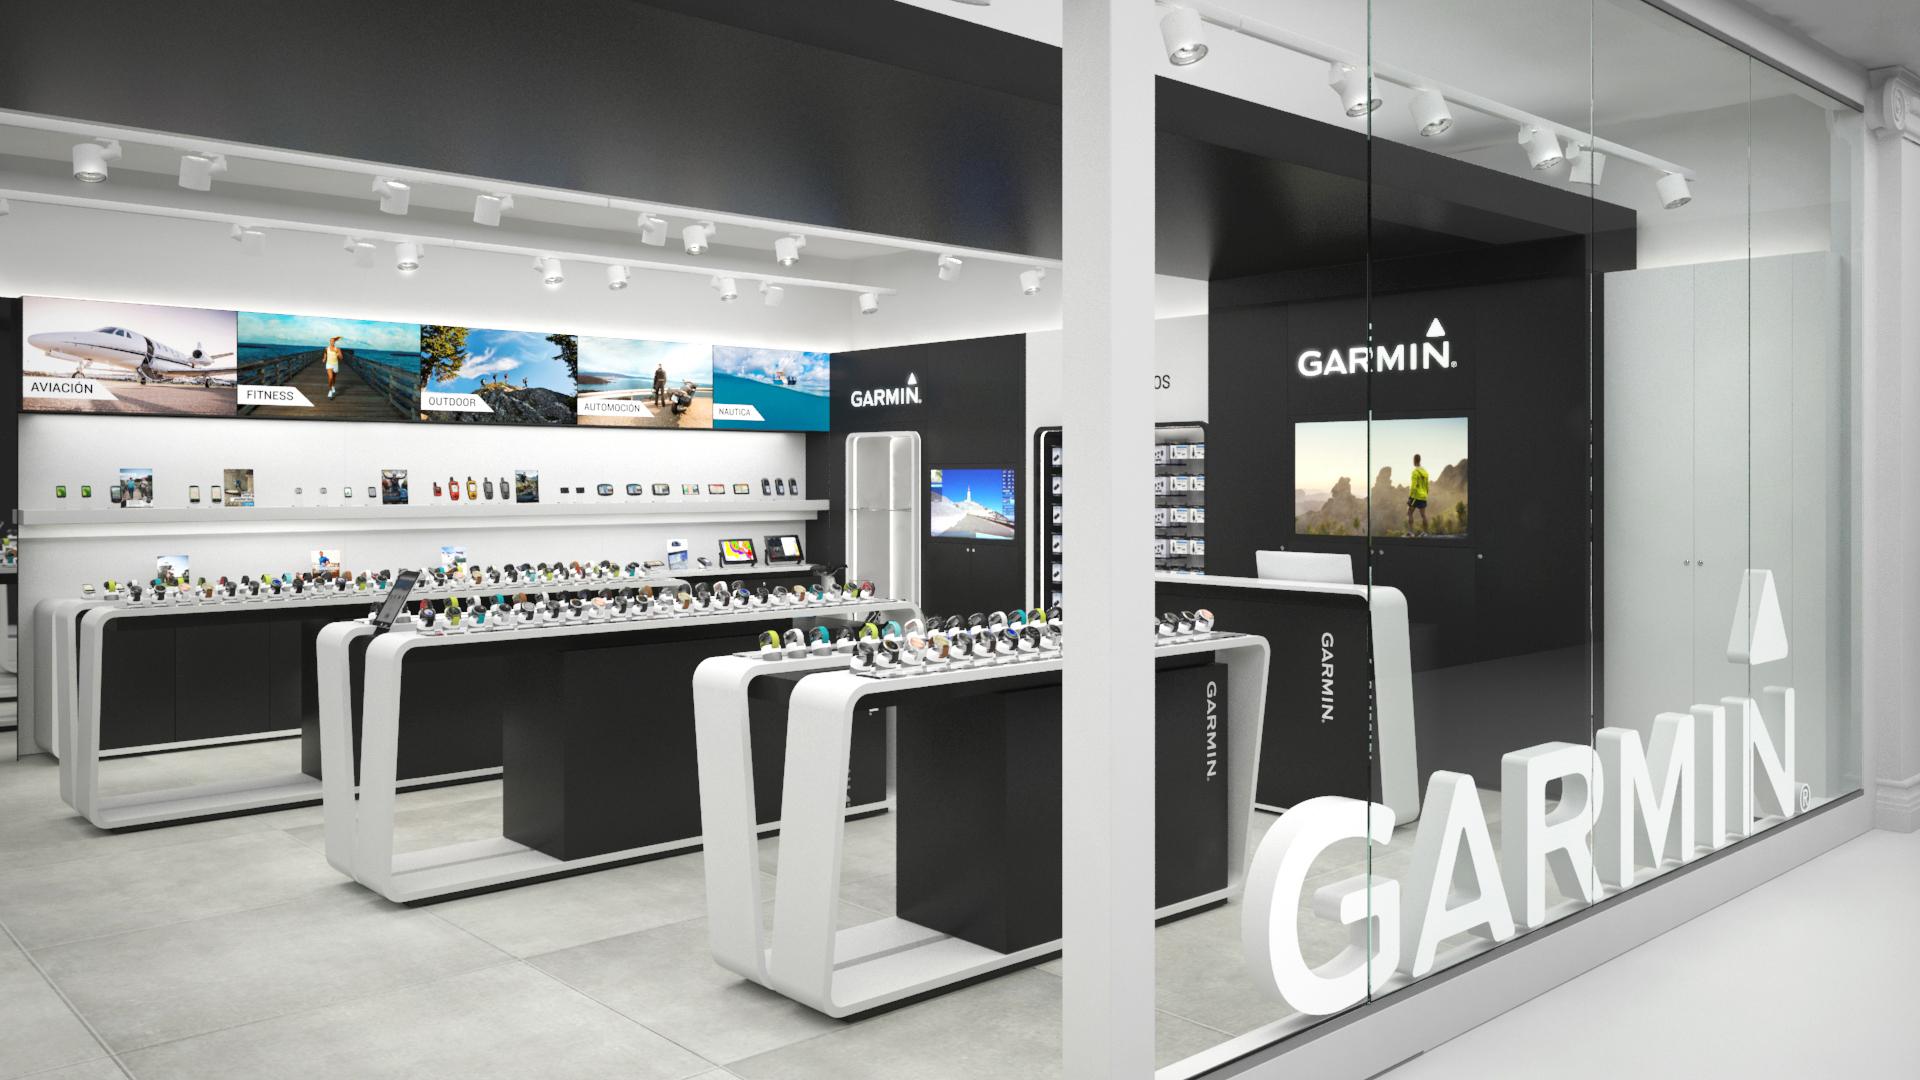 Tienda Garmin Madrid: Nuevo Garmin Store en Plaza Norte 2, San Sebastián de las Reyes Más Garmin Store de la marca en España.